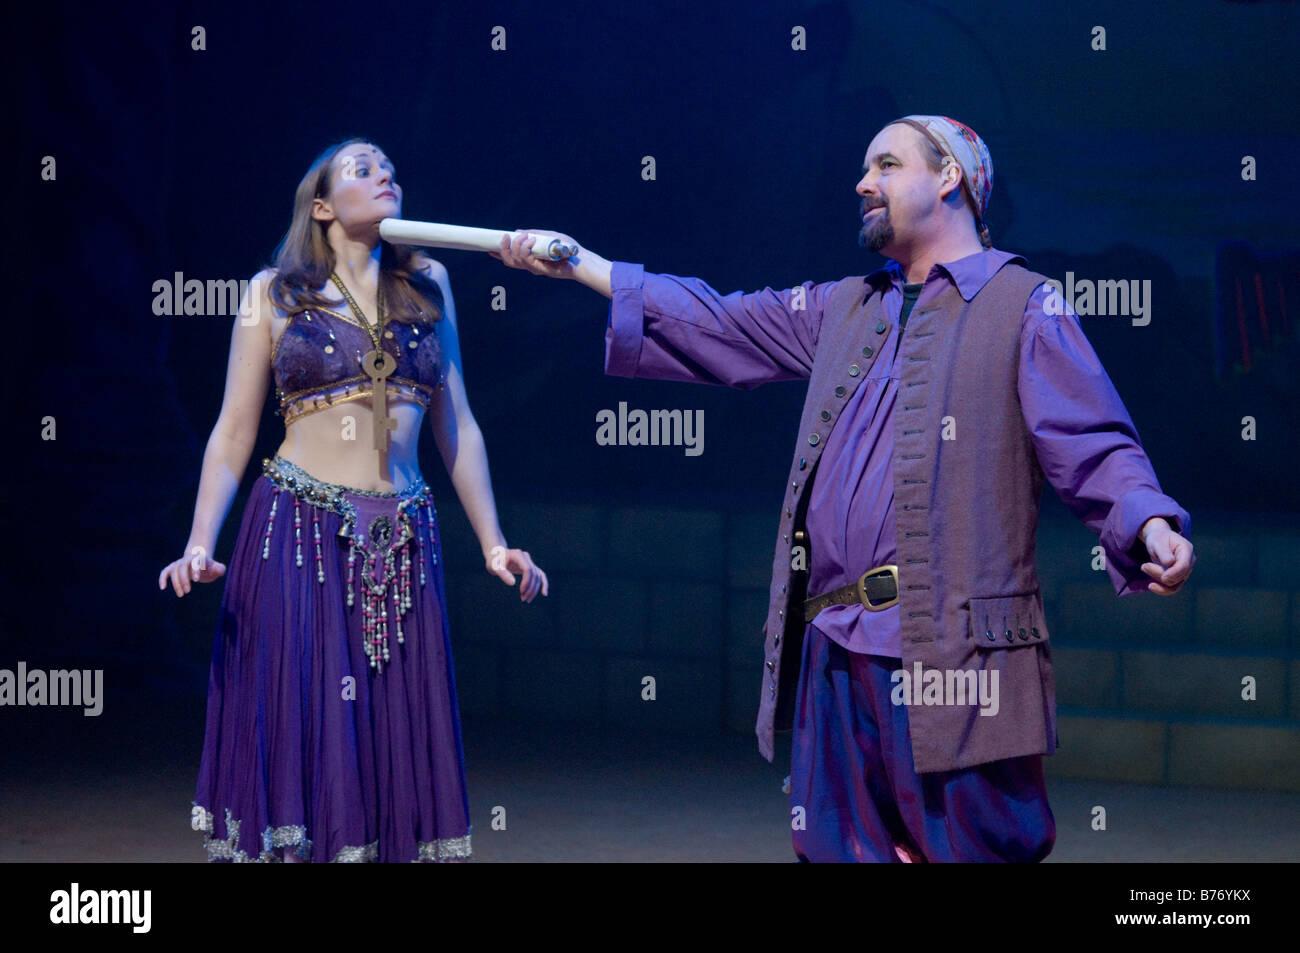 Dos actores en una compañía de teatro amateur realiza Simbad el Marino pantomima Aberystwyth Arts Center de enero Foto de stock